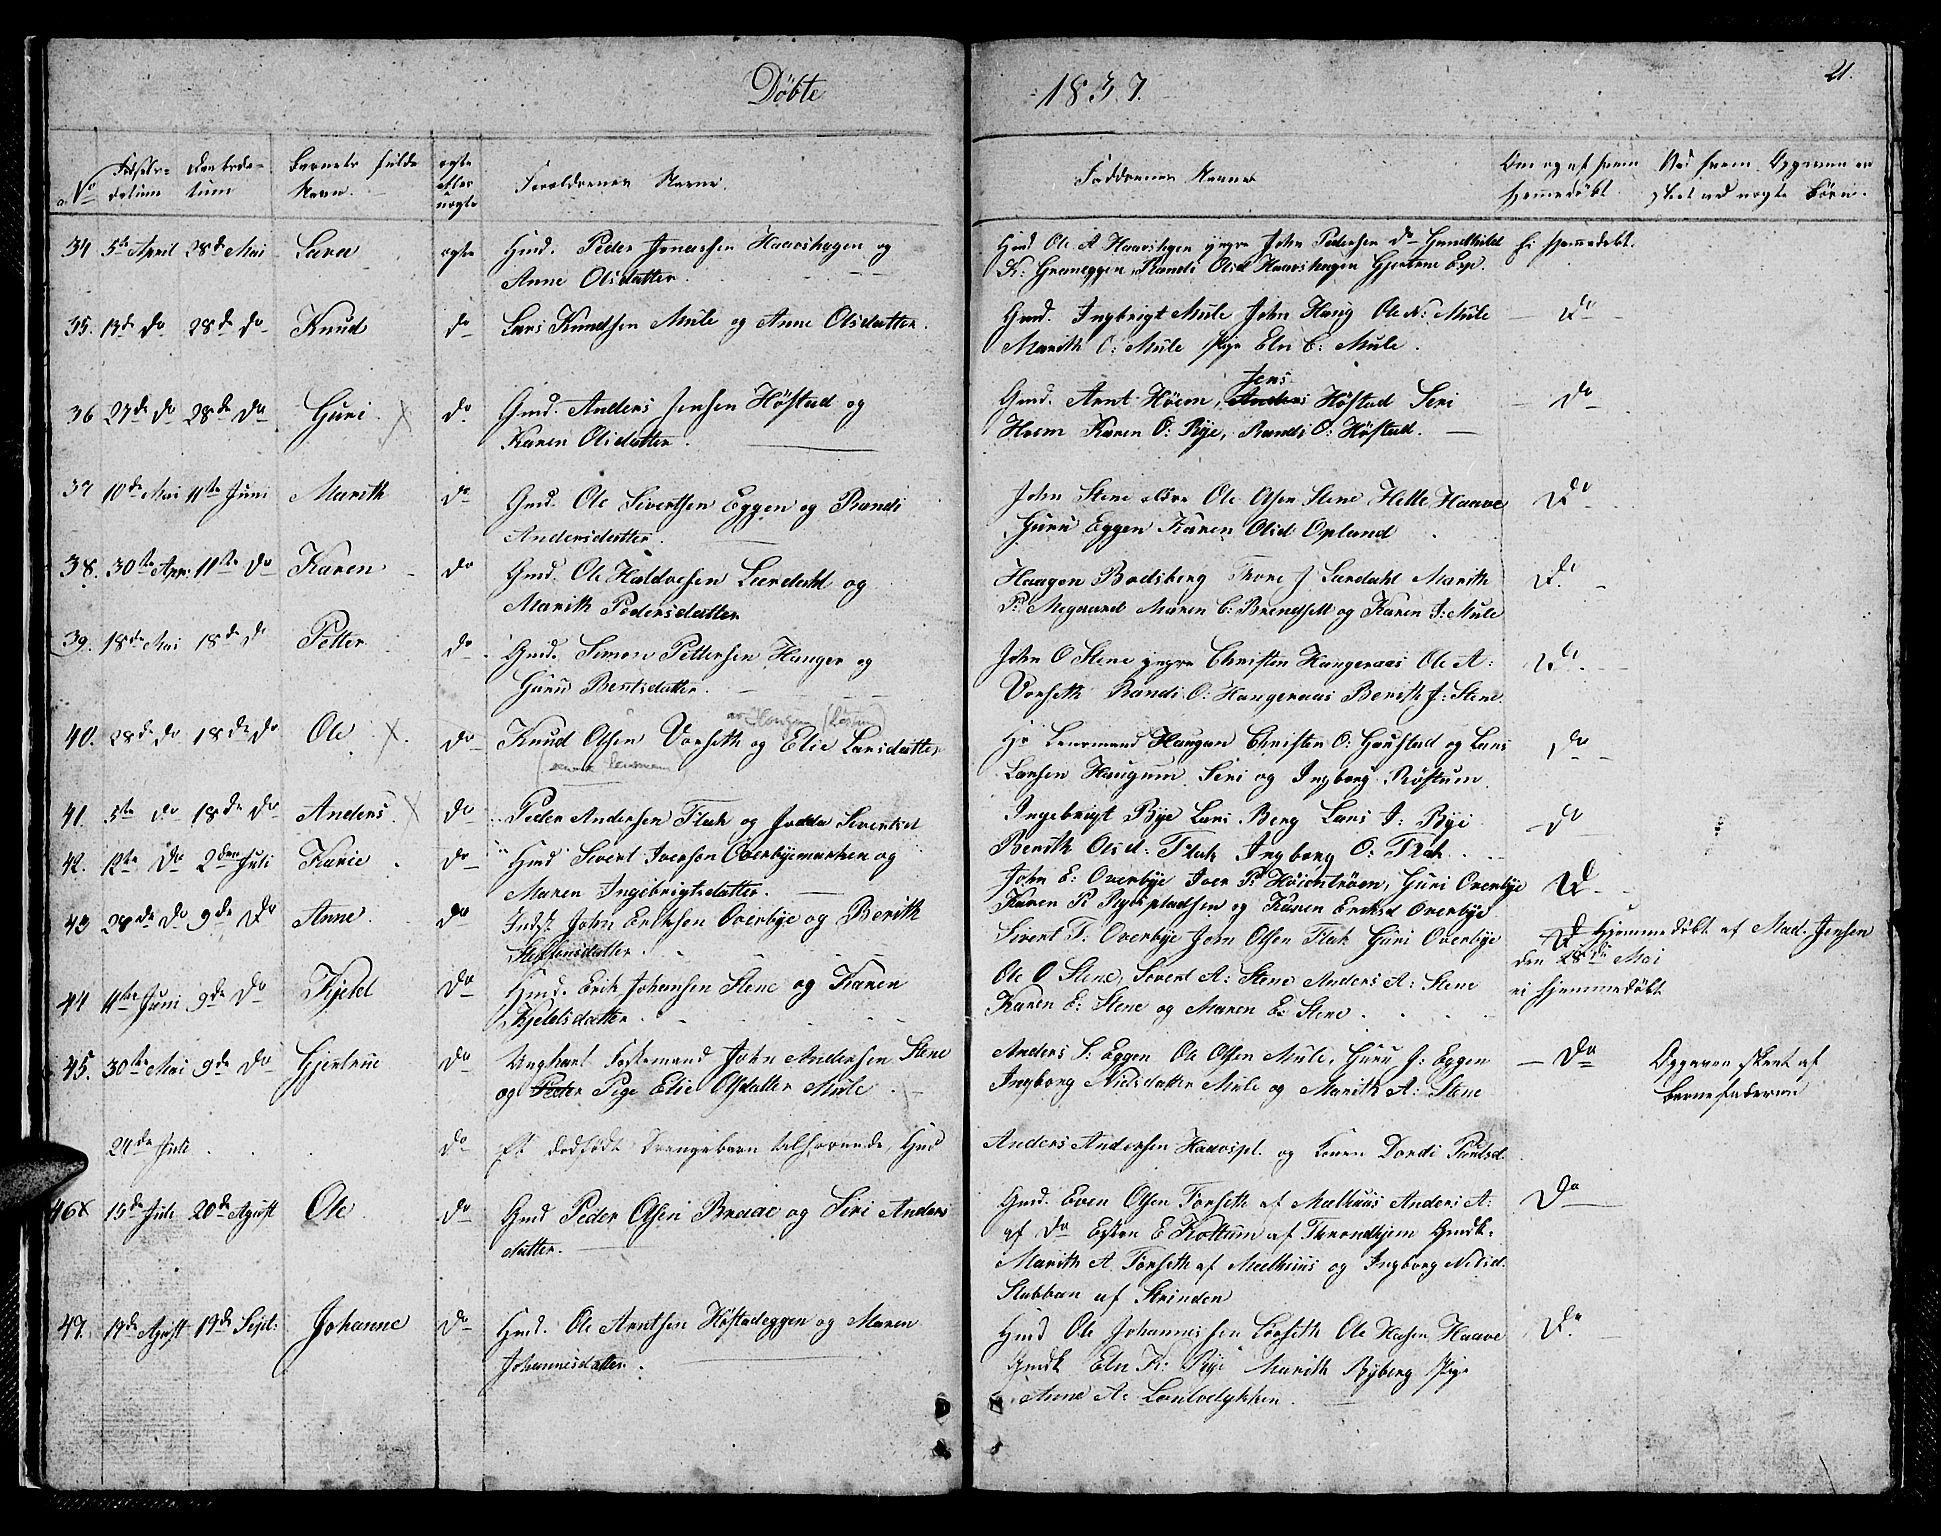 SAT, Ministerialprotokoller, klokkerbøker og fødselsregistre - Sør-Trøndelag, 612/L0386: Klokkerbok nr. 612C02, 1834-1845, s. 21